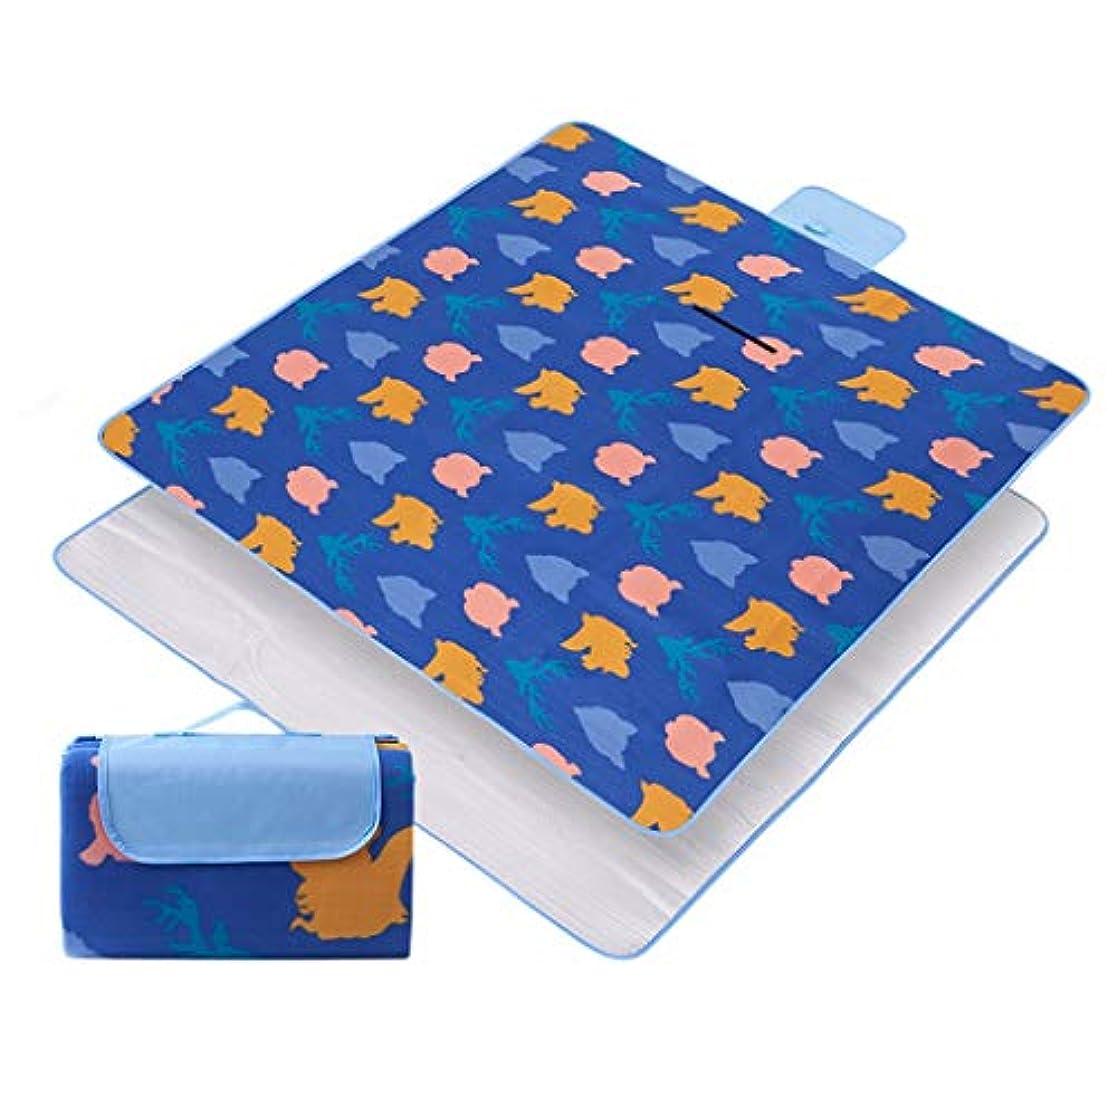 銀行真実大学院携帯用屋外のカーペットのマット、ピクニック毛布、浜のマット、日除けのカーペット、キャンプのためのサンドプルーフ屋外 (Color : C, Size : 150x200cm)